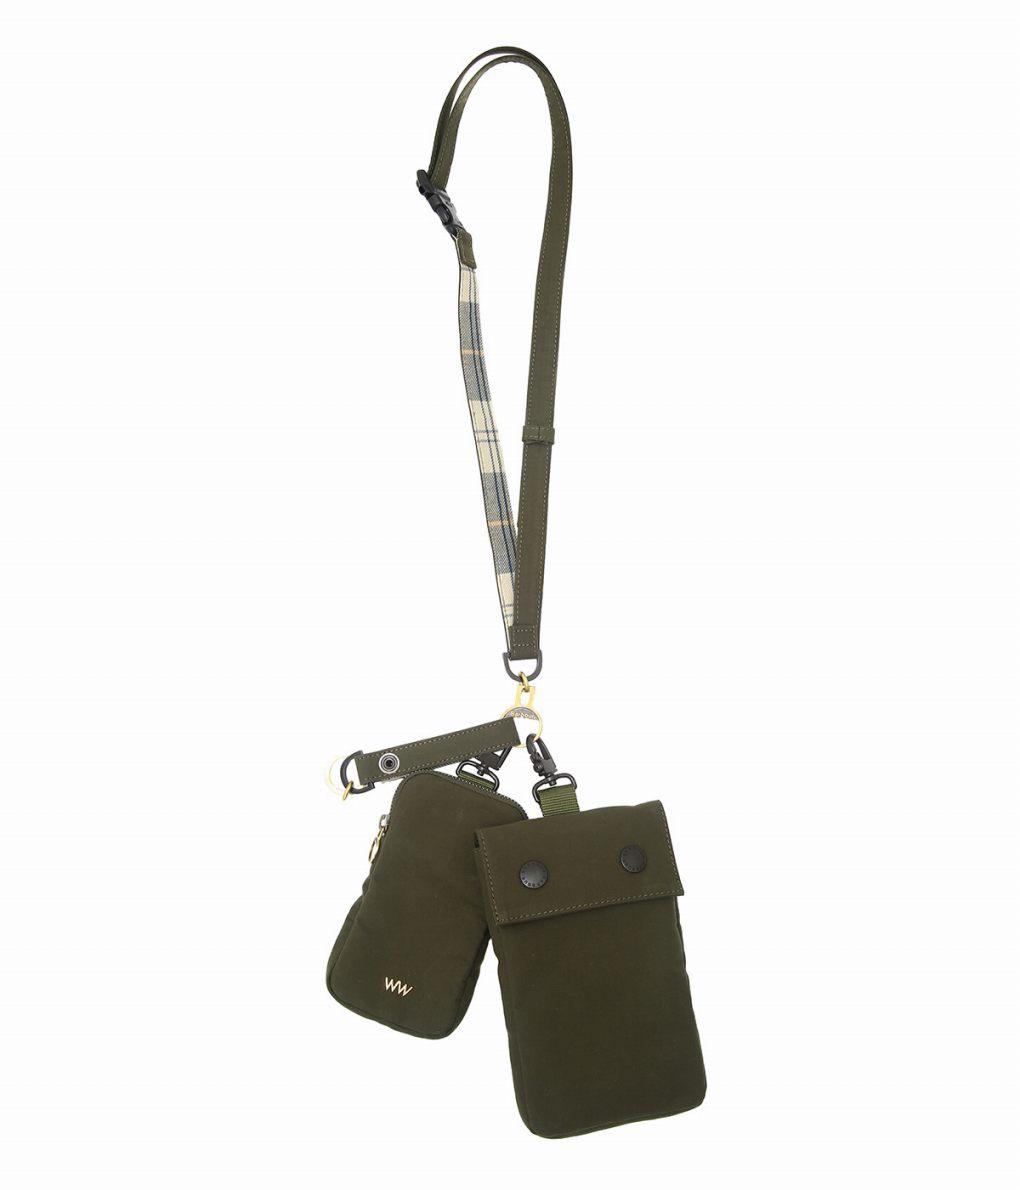 【サマーキャンペーン!】WACCOWACCO / ワッコワッコ : Neck Strap & Keychain bag : ネックストラップ キーチェーン ポーチ サコッシュ メンズ : WWBB-019 【MUS】